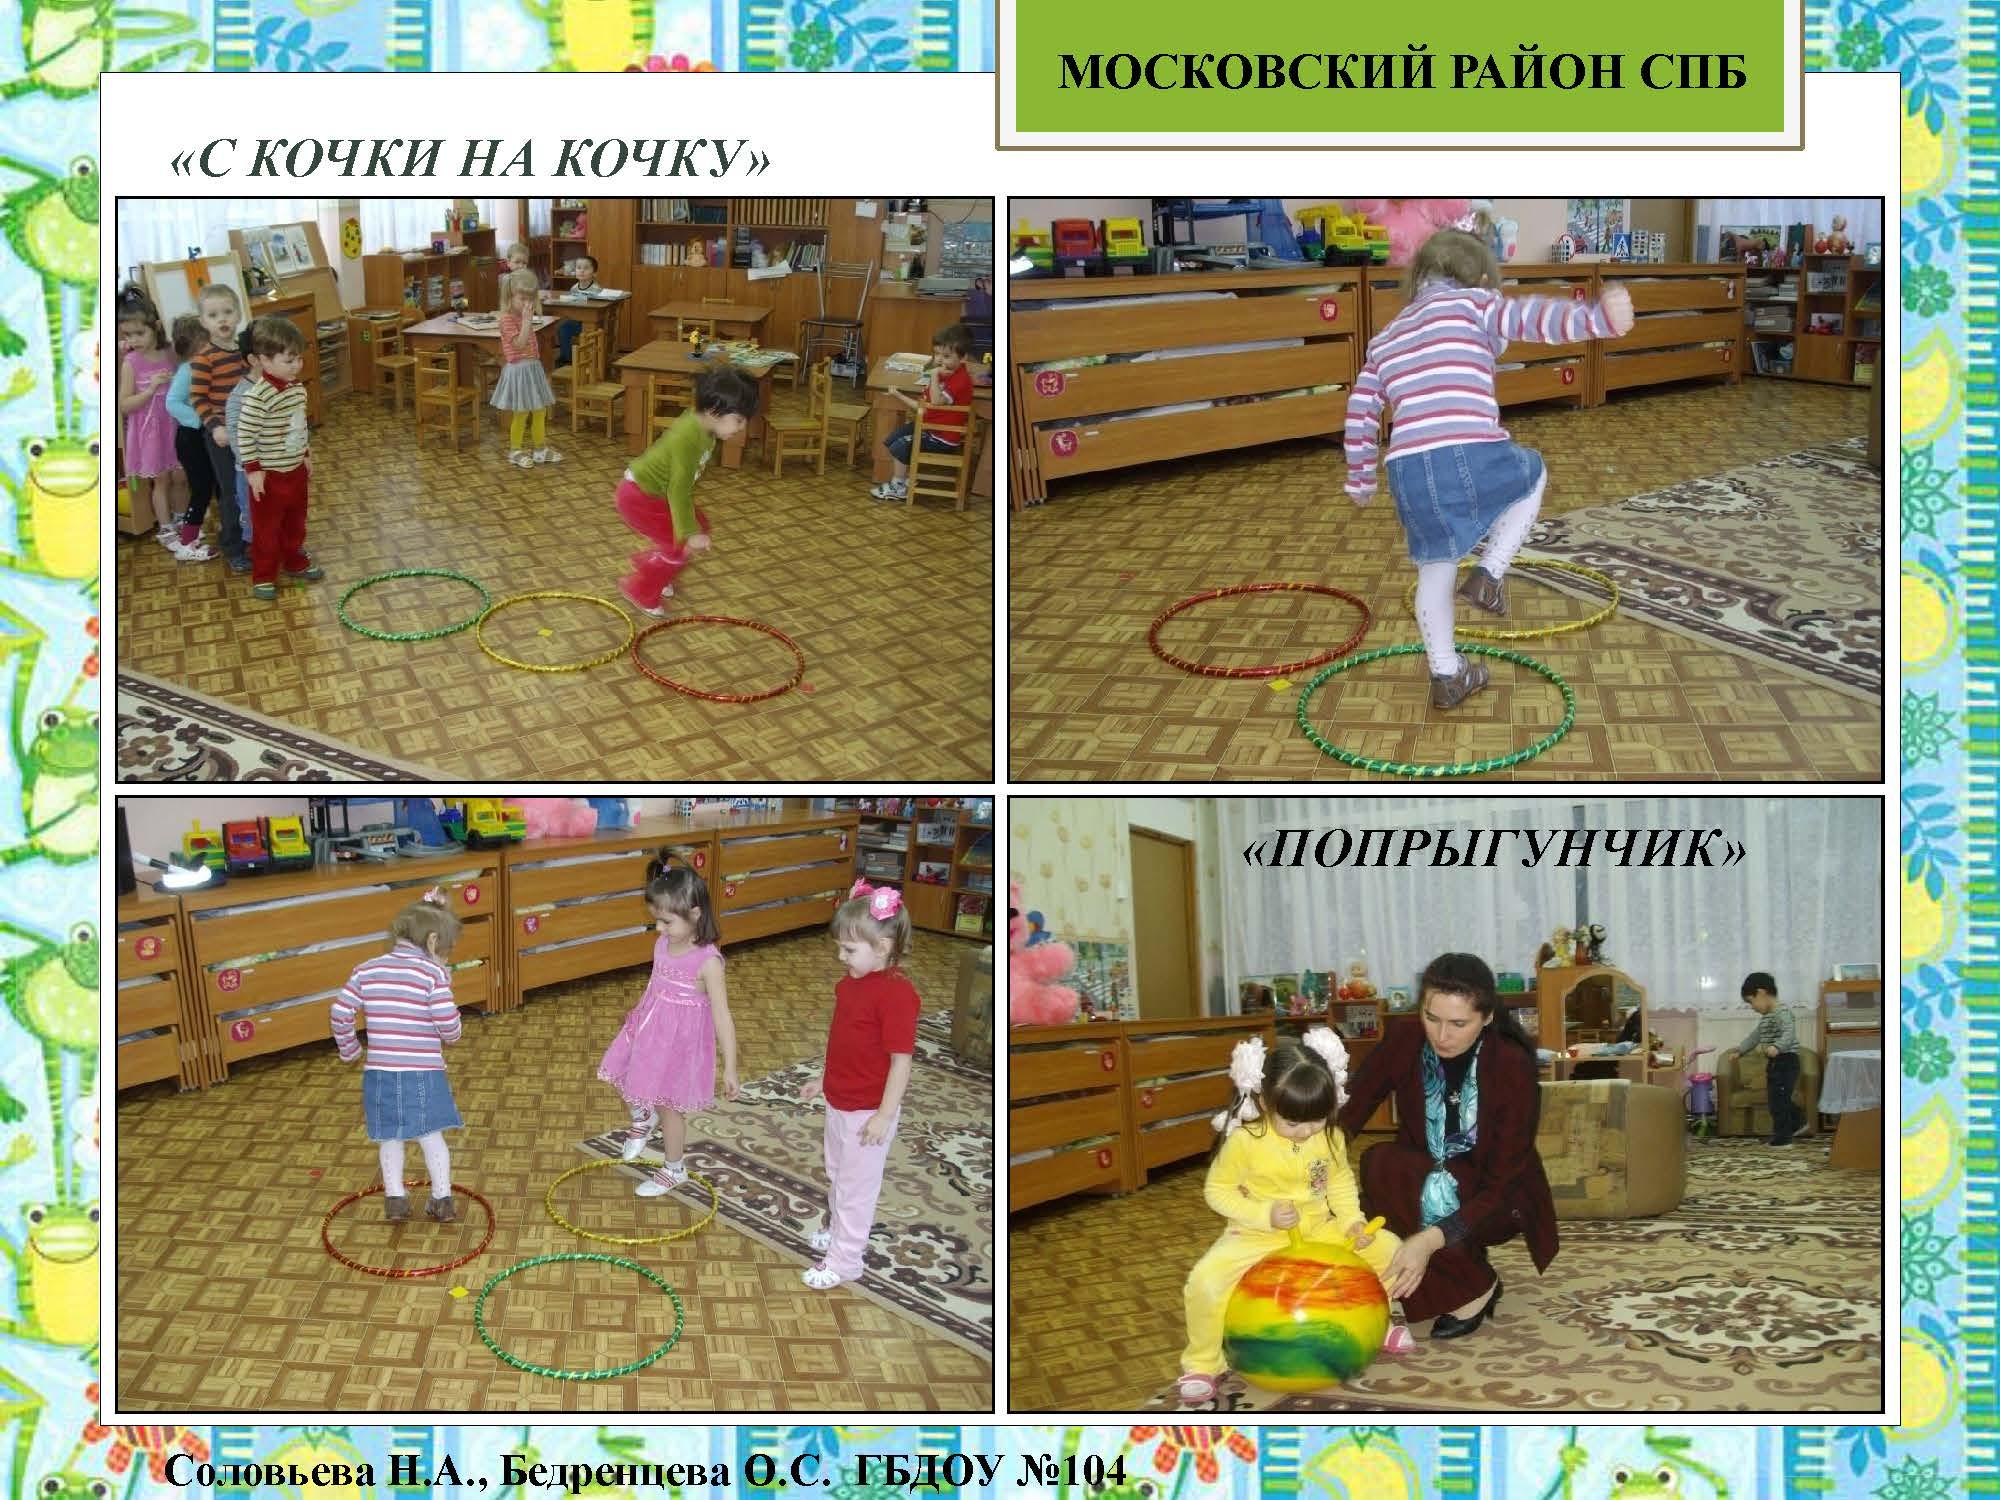 секция 8. ДОУ 104. Московский район_Страница_37